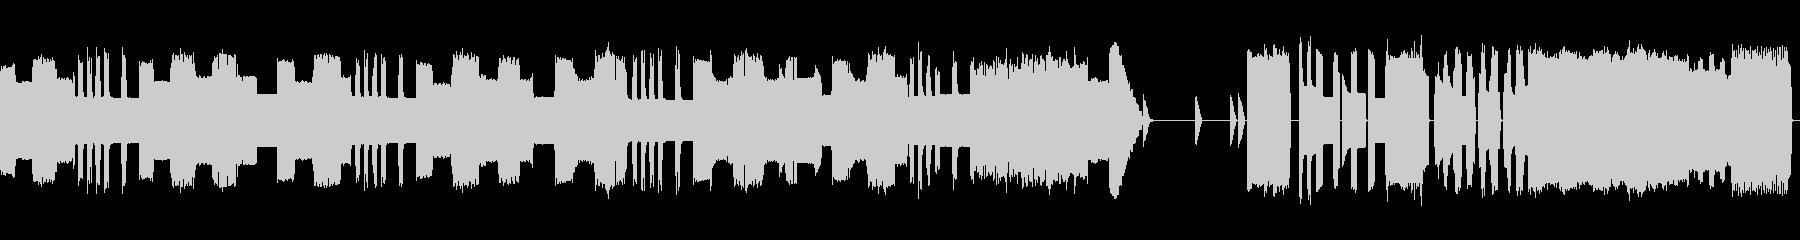 ★8bit 勝利と栄光のファンファーレの未再生の波形